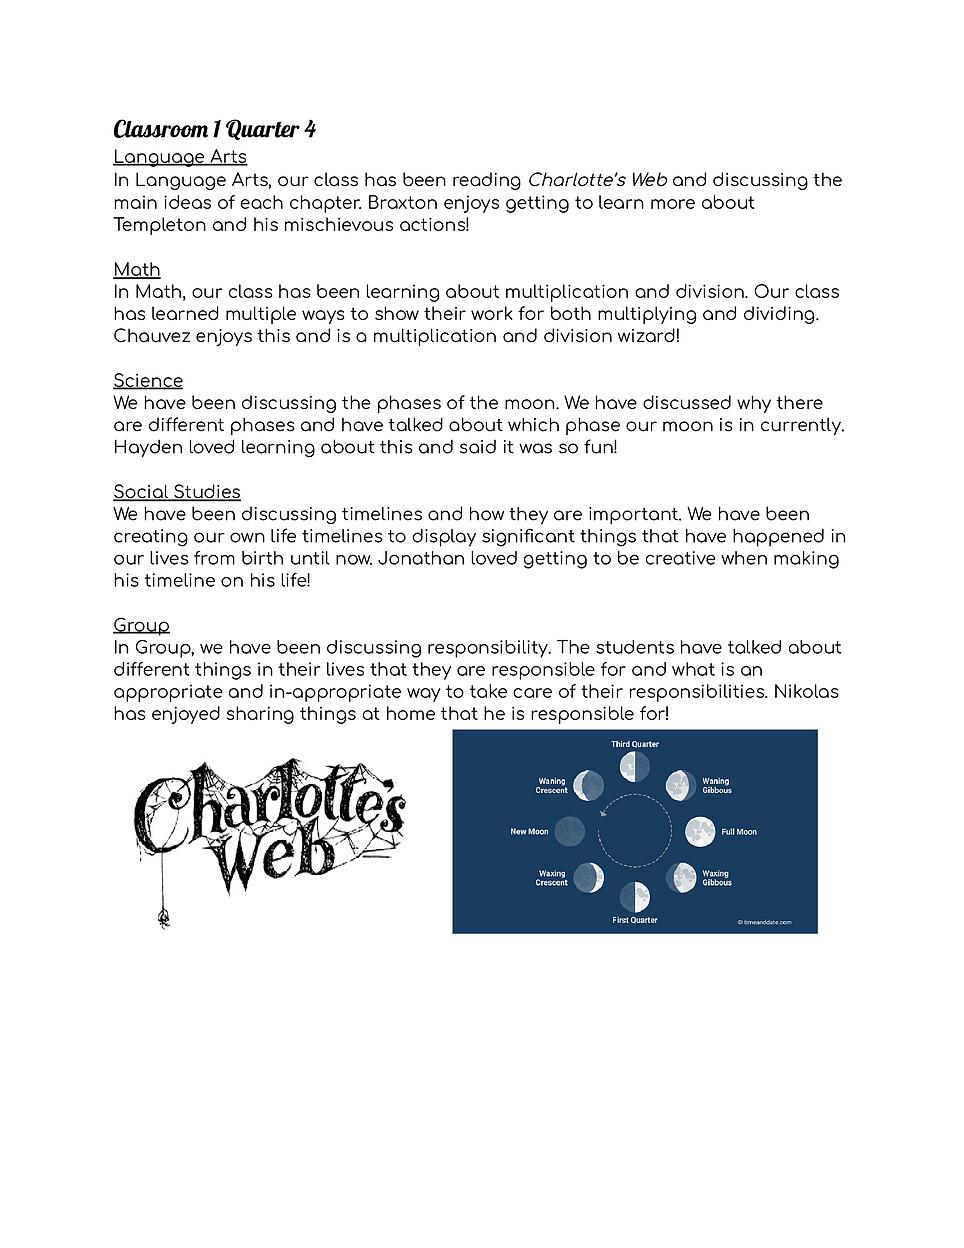 Classroom-1-Quarter-4-newsletter-updated